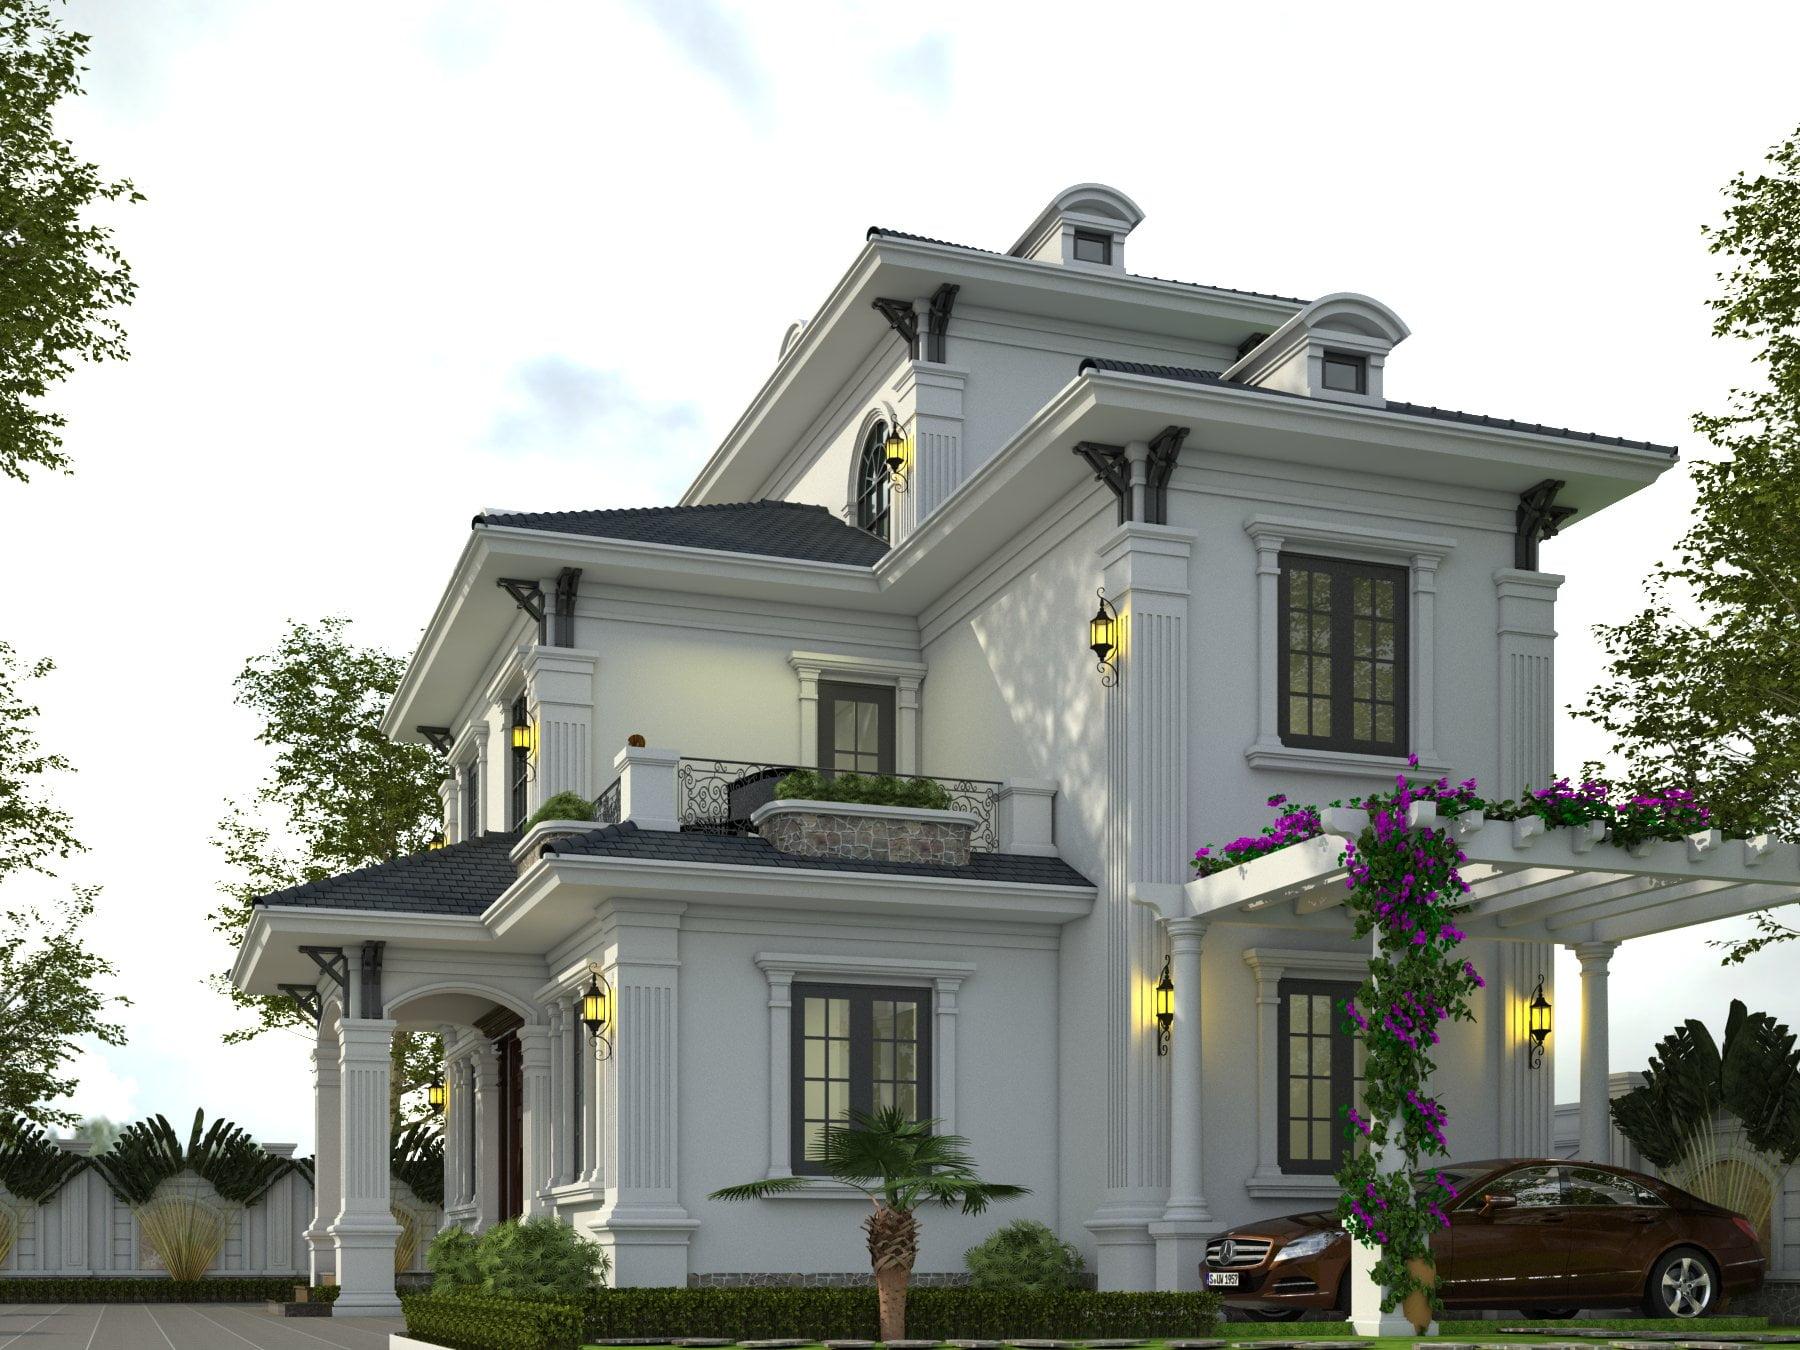 thiết kế nhà biệt thự 3 tầng mái thái đẹp 3